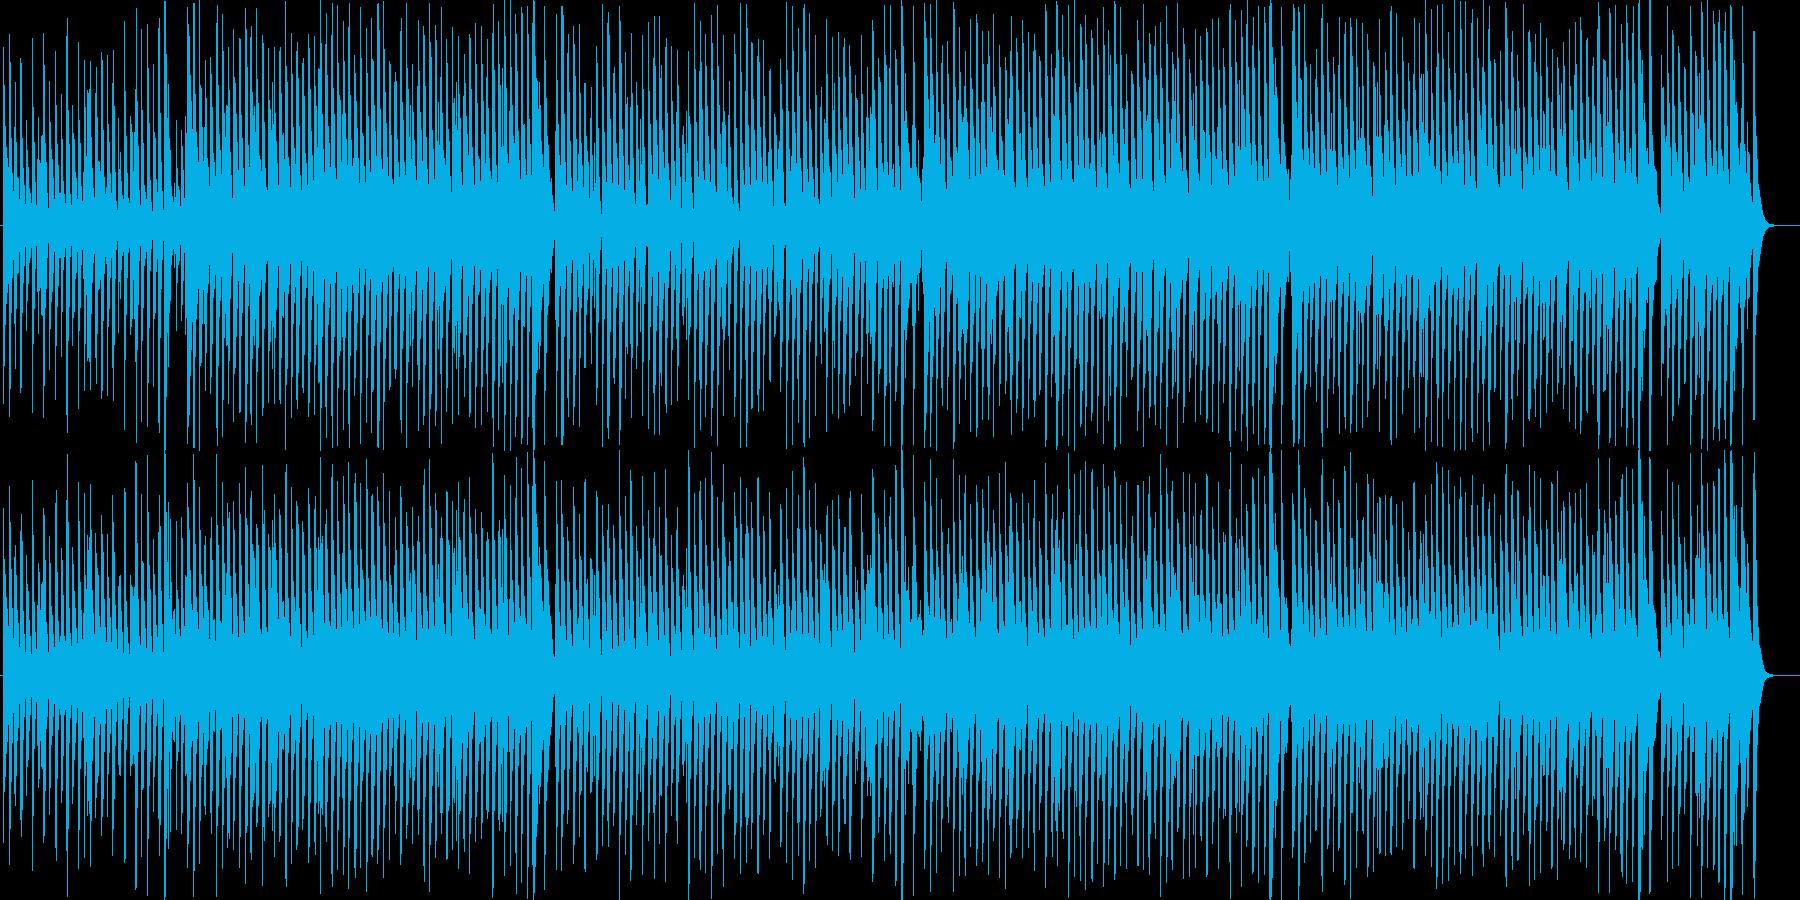 クリスマスソング「ジングルベル」の再生済みの波形